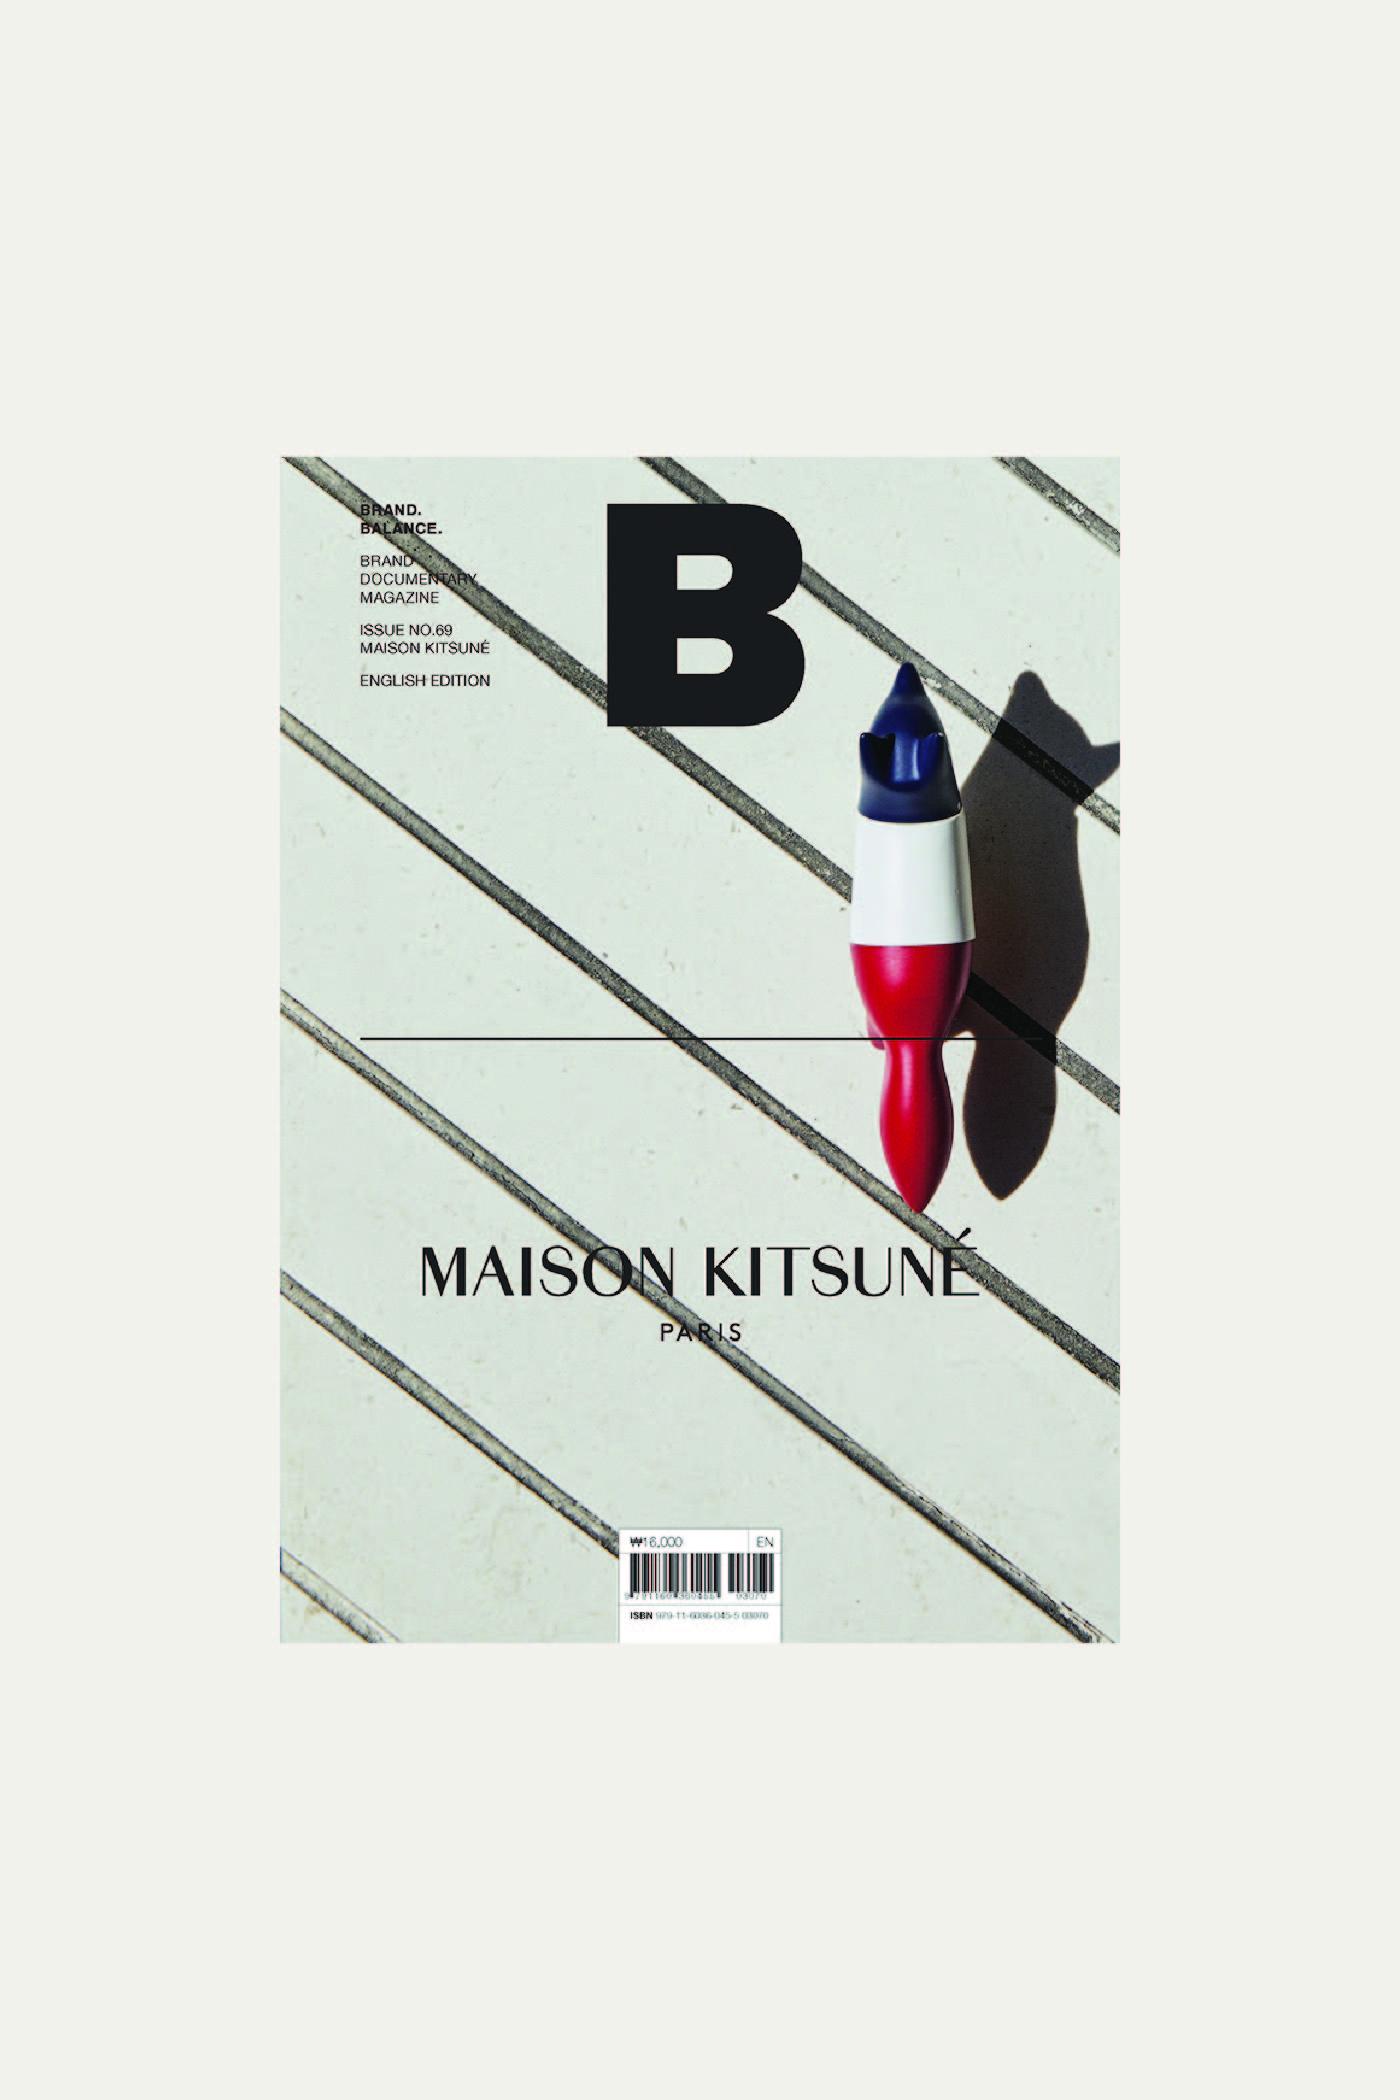 Magazine B (Maison Kitsune) Vol 69